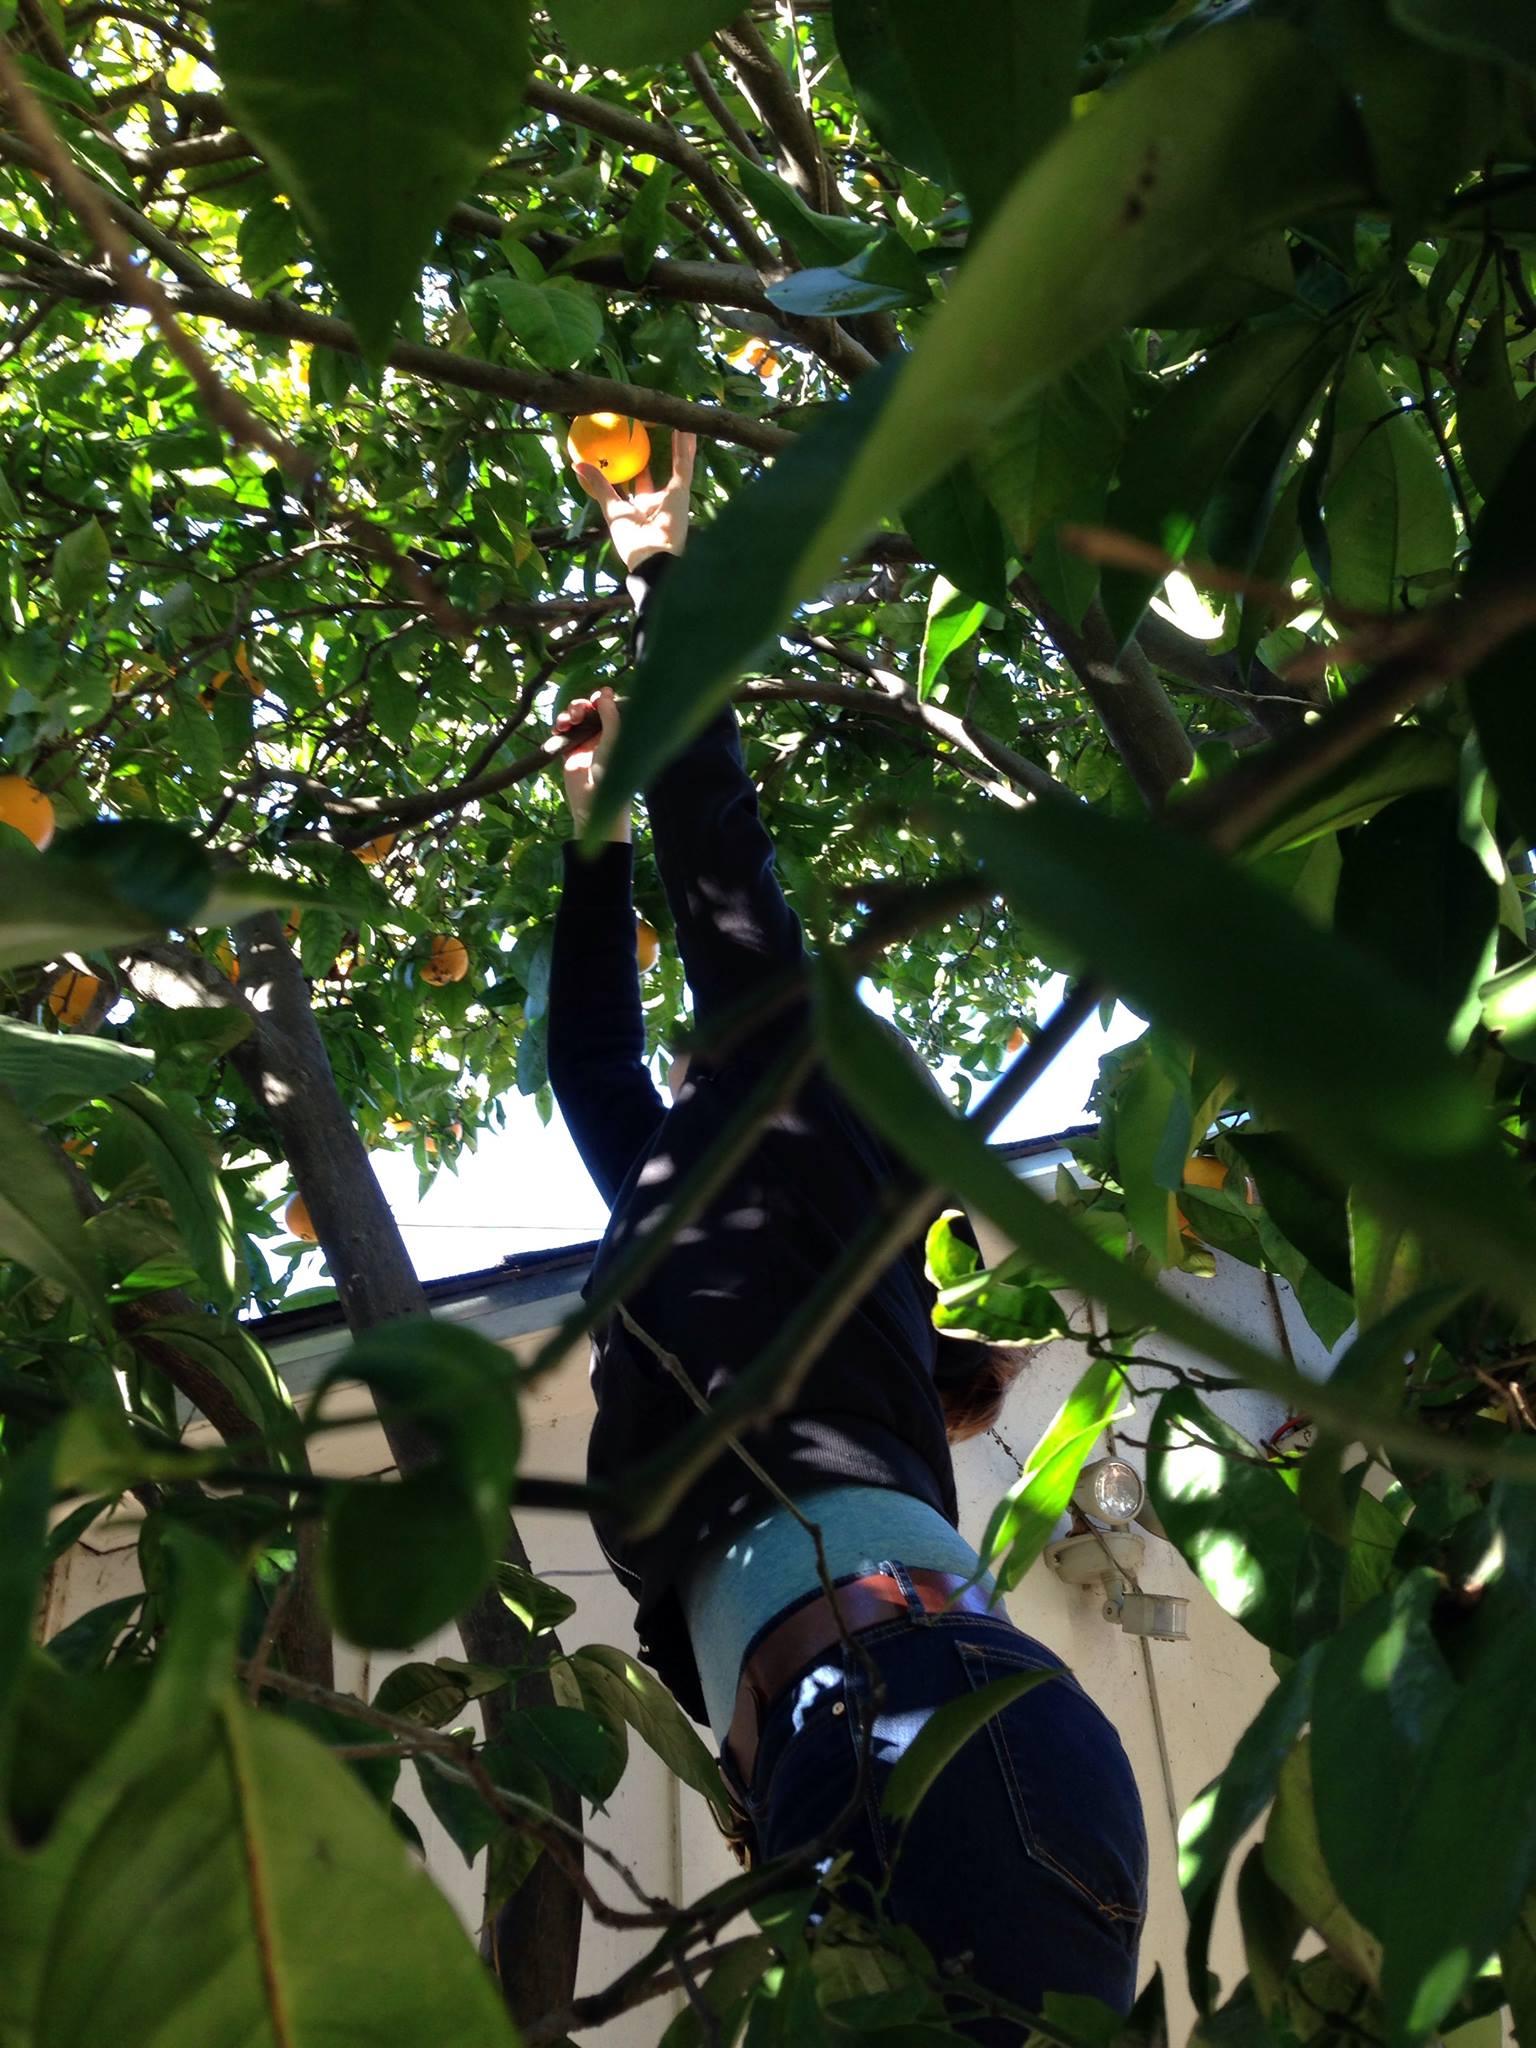 CJP in the Preminger Tree